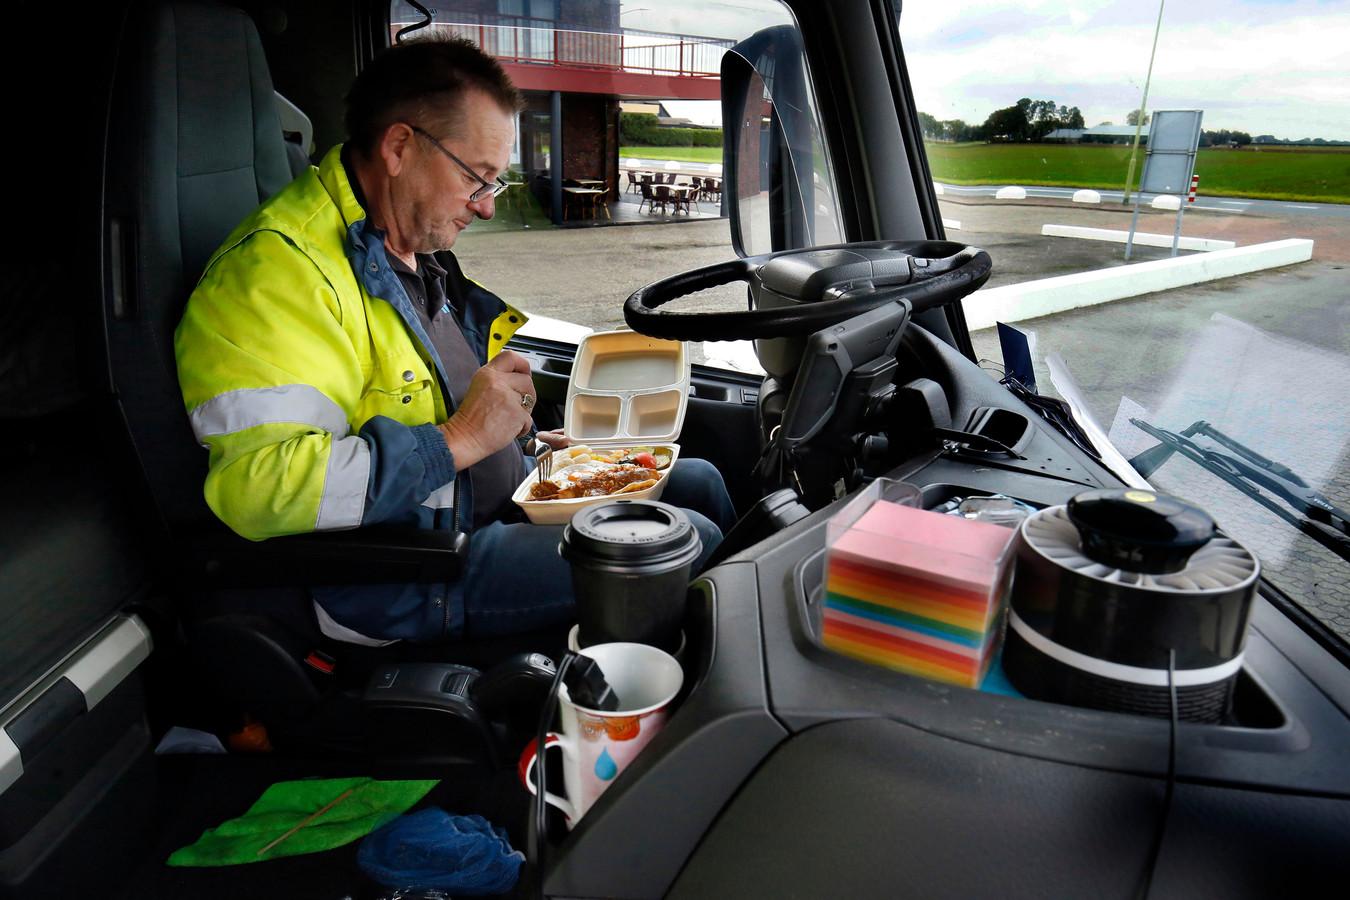 Ook vrachtwagenchauffeurs mogen hun maaltijd niet meer in een restaurant opeten. Triest, vindt chauffeur Martin Ruyperts.